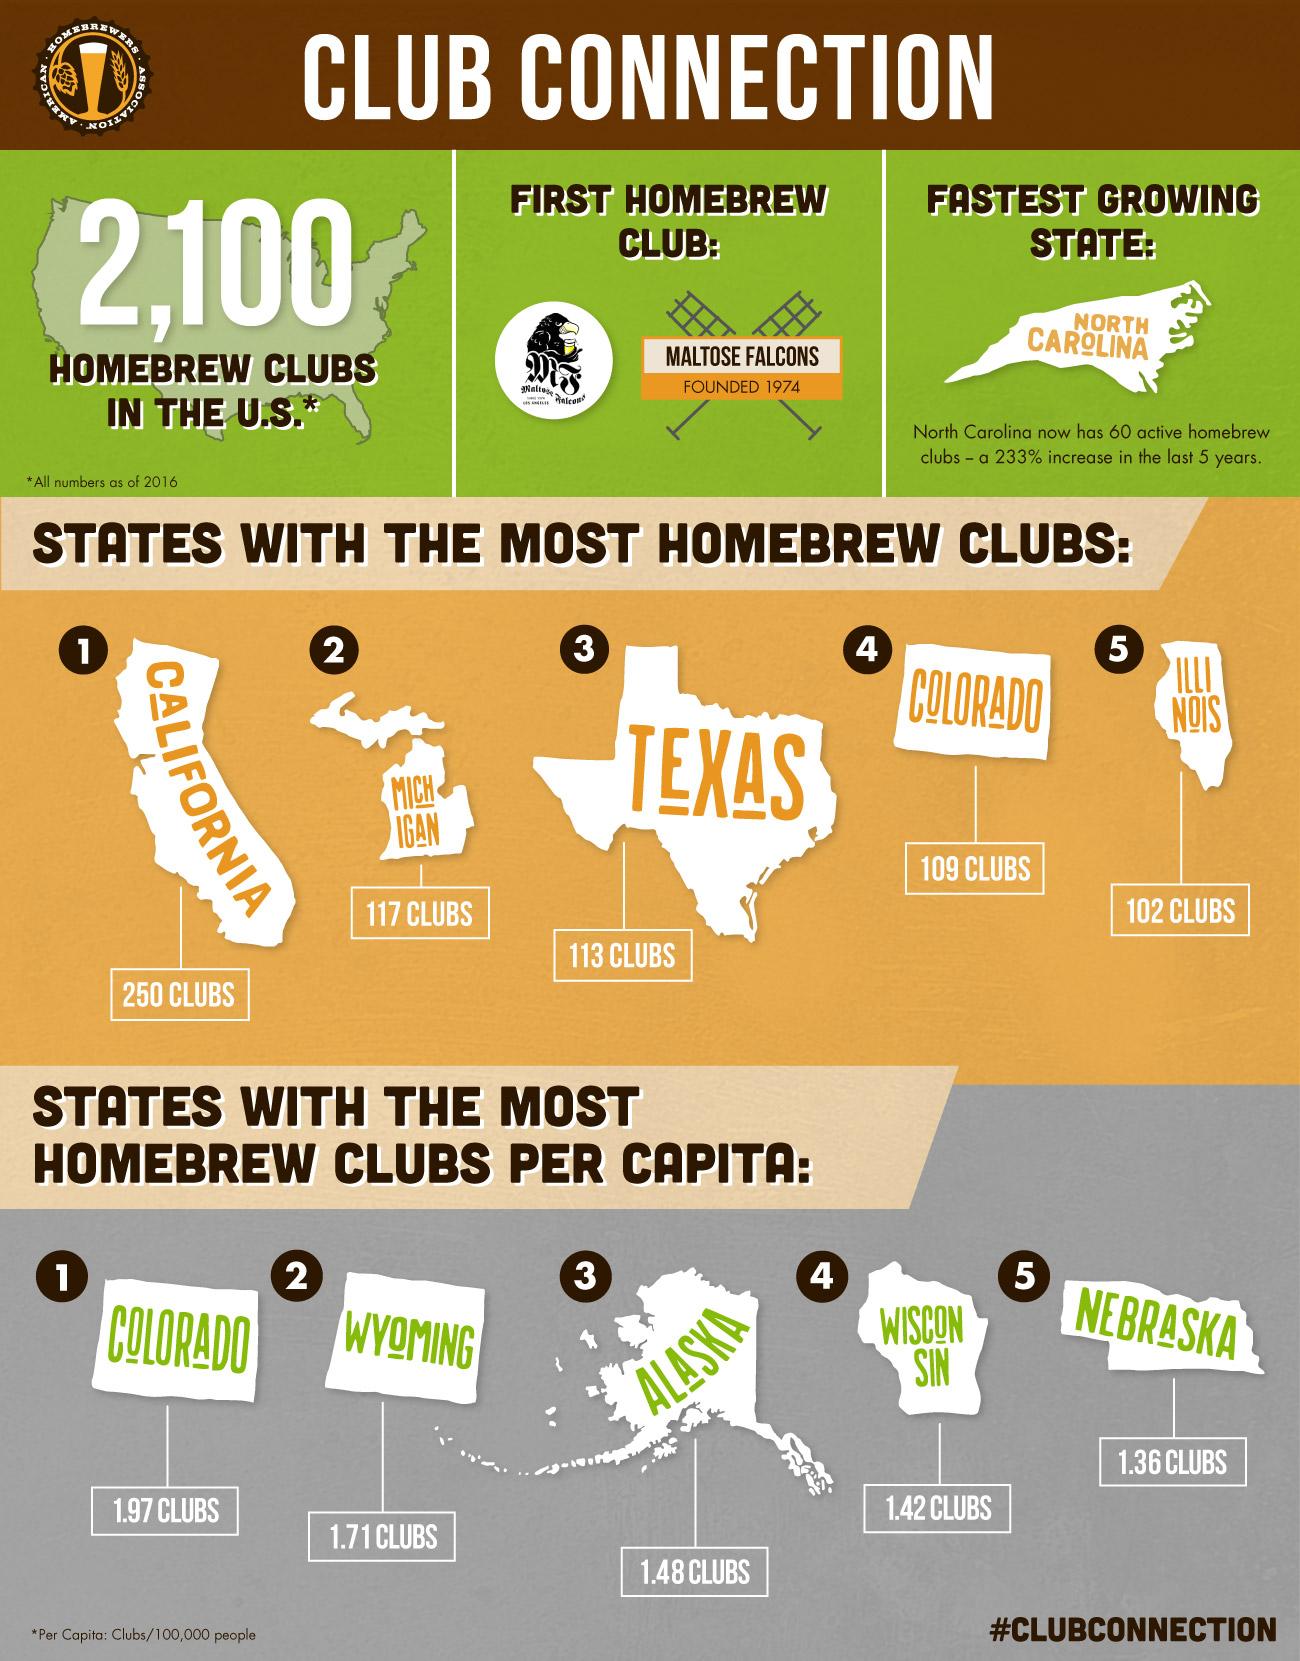 Club Connection - Homebrew Club Statistics